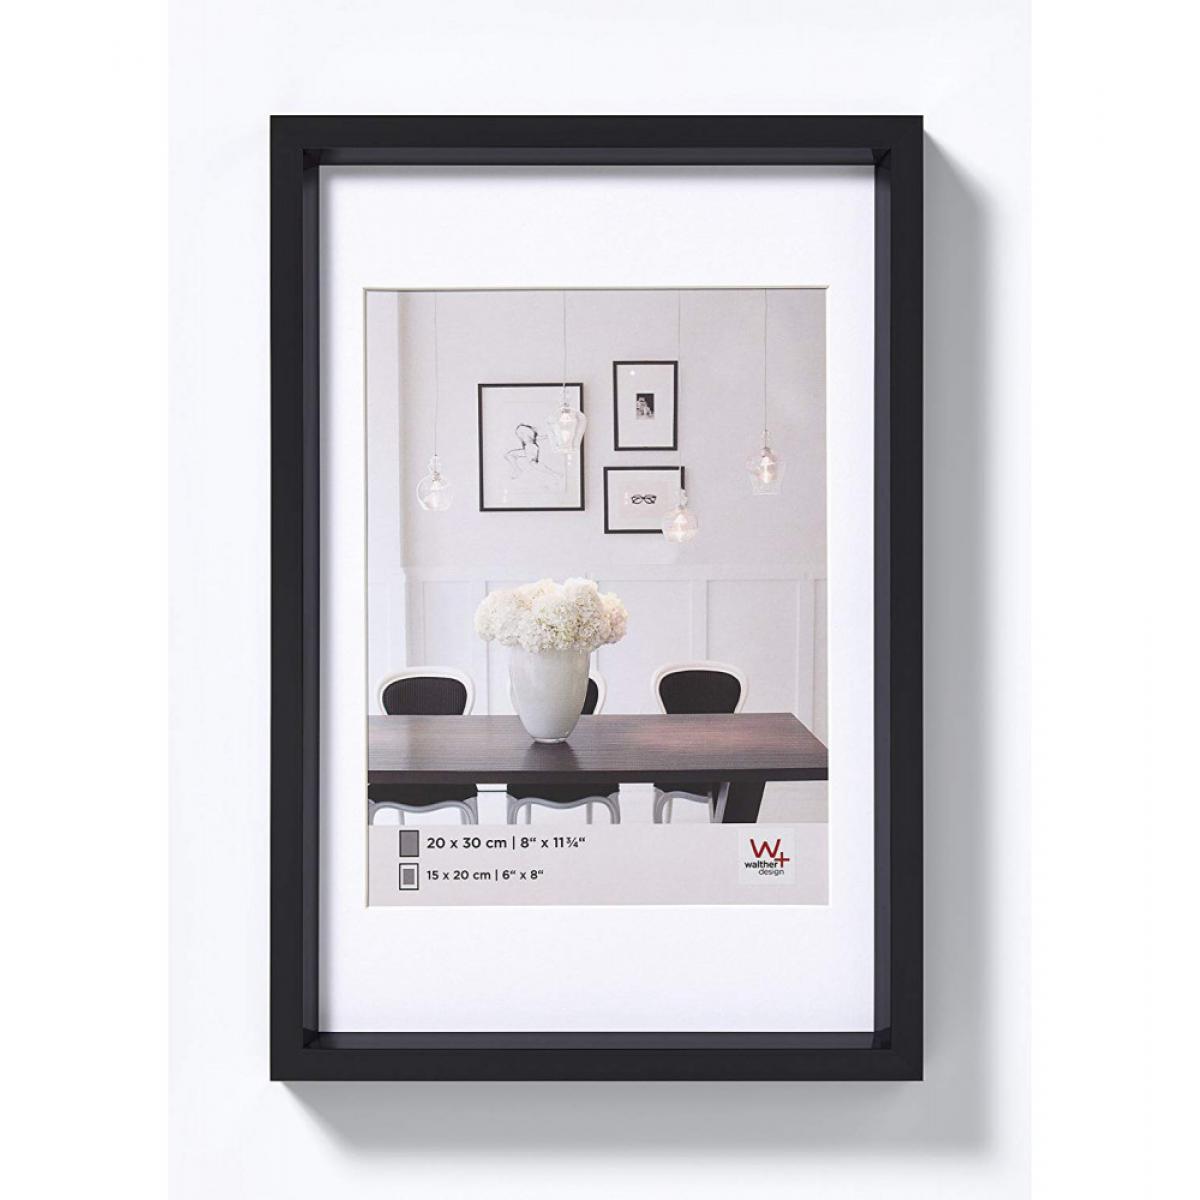 Ac-Deco Cadre photo imitation acier Steel Style - 15 x 20 cm - Noir